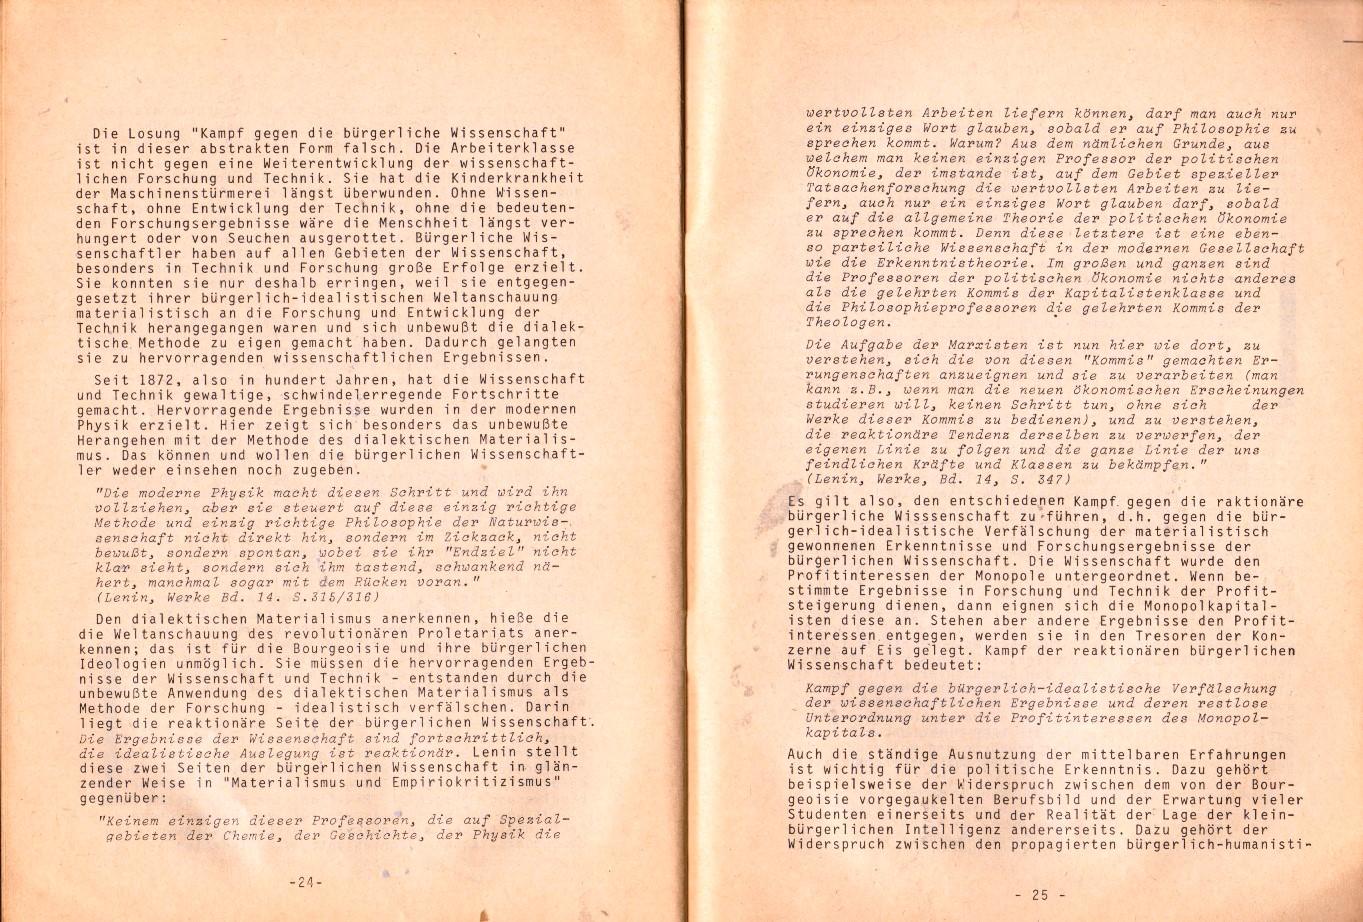 KABD_1976_Parteiaufbau_und_Intellektuellenfrage_16